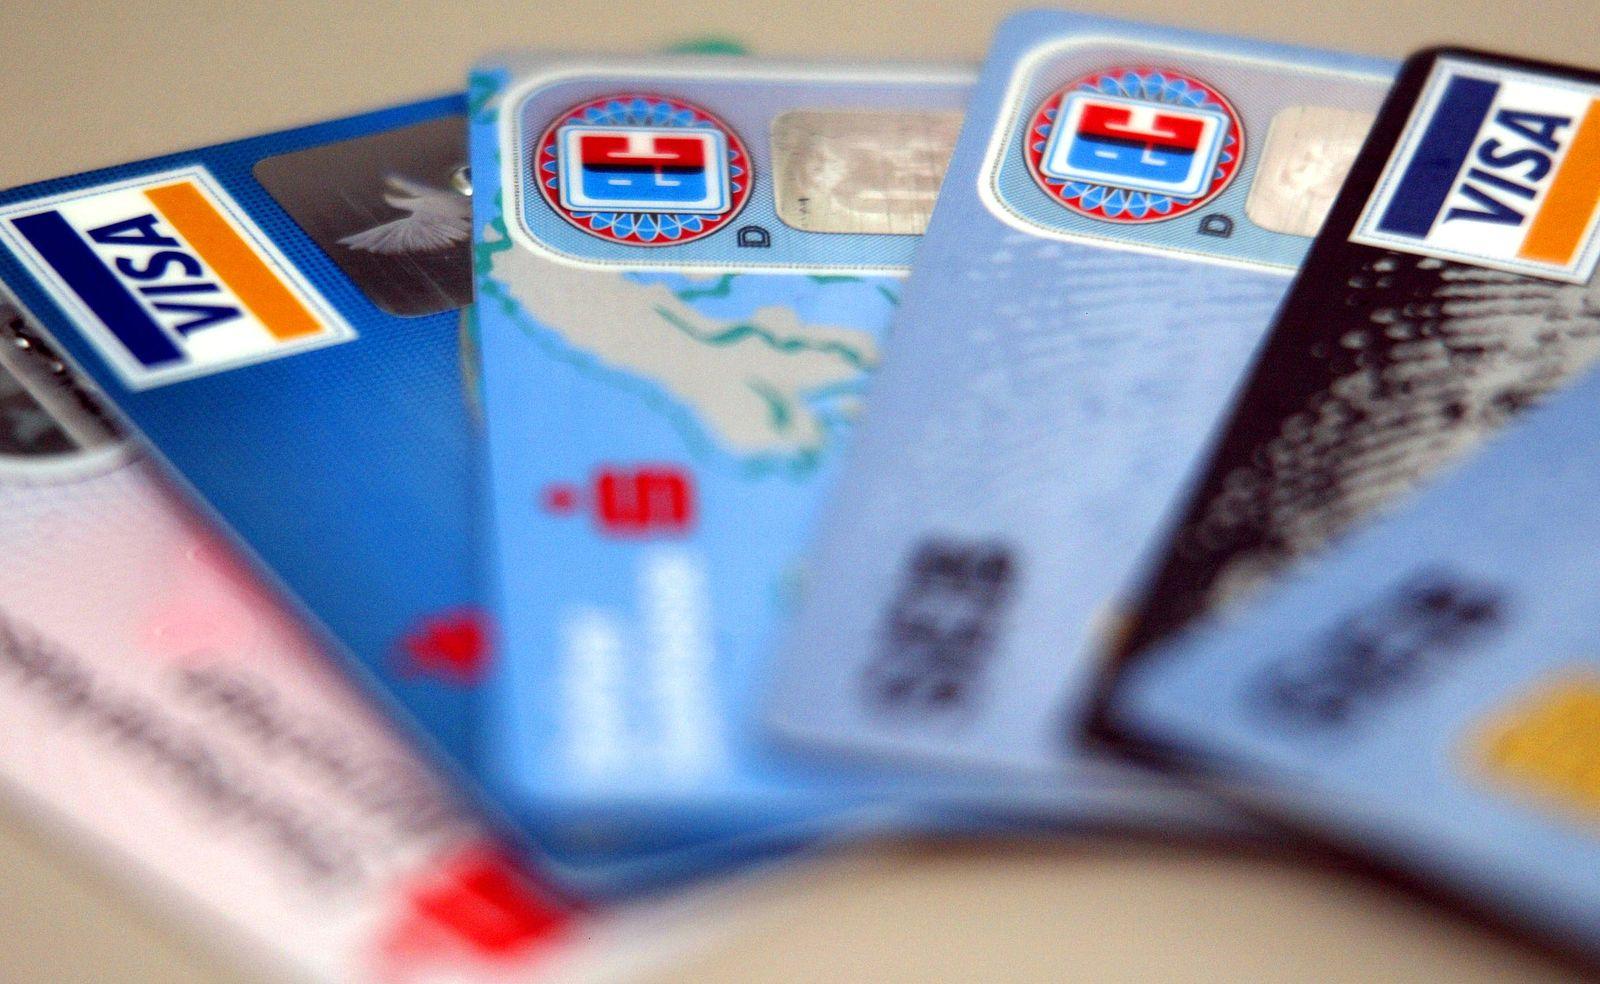 NICHT VERWENDEN SYMBOLBILD Kreditkarten / EC-Karten